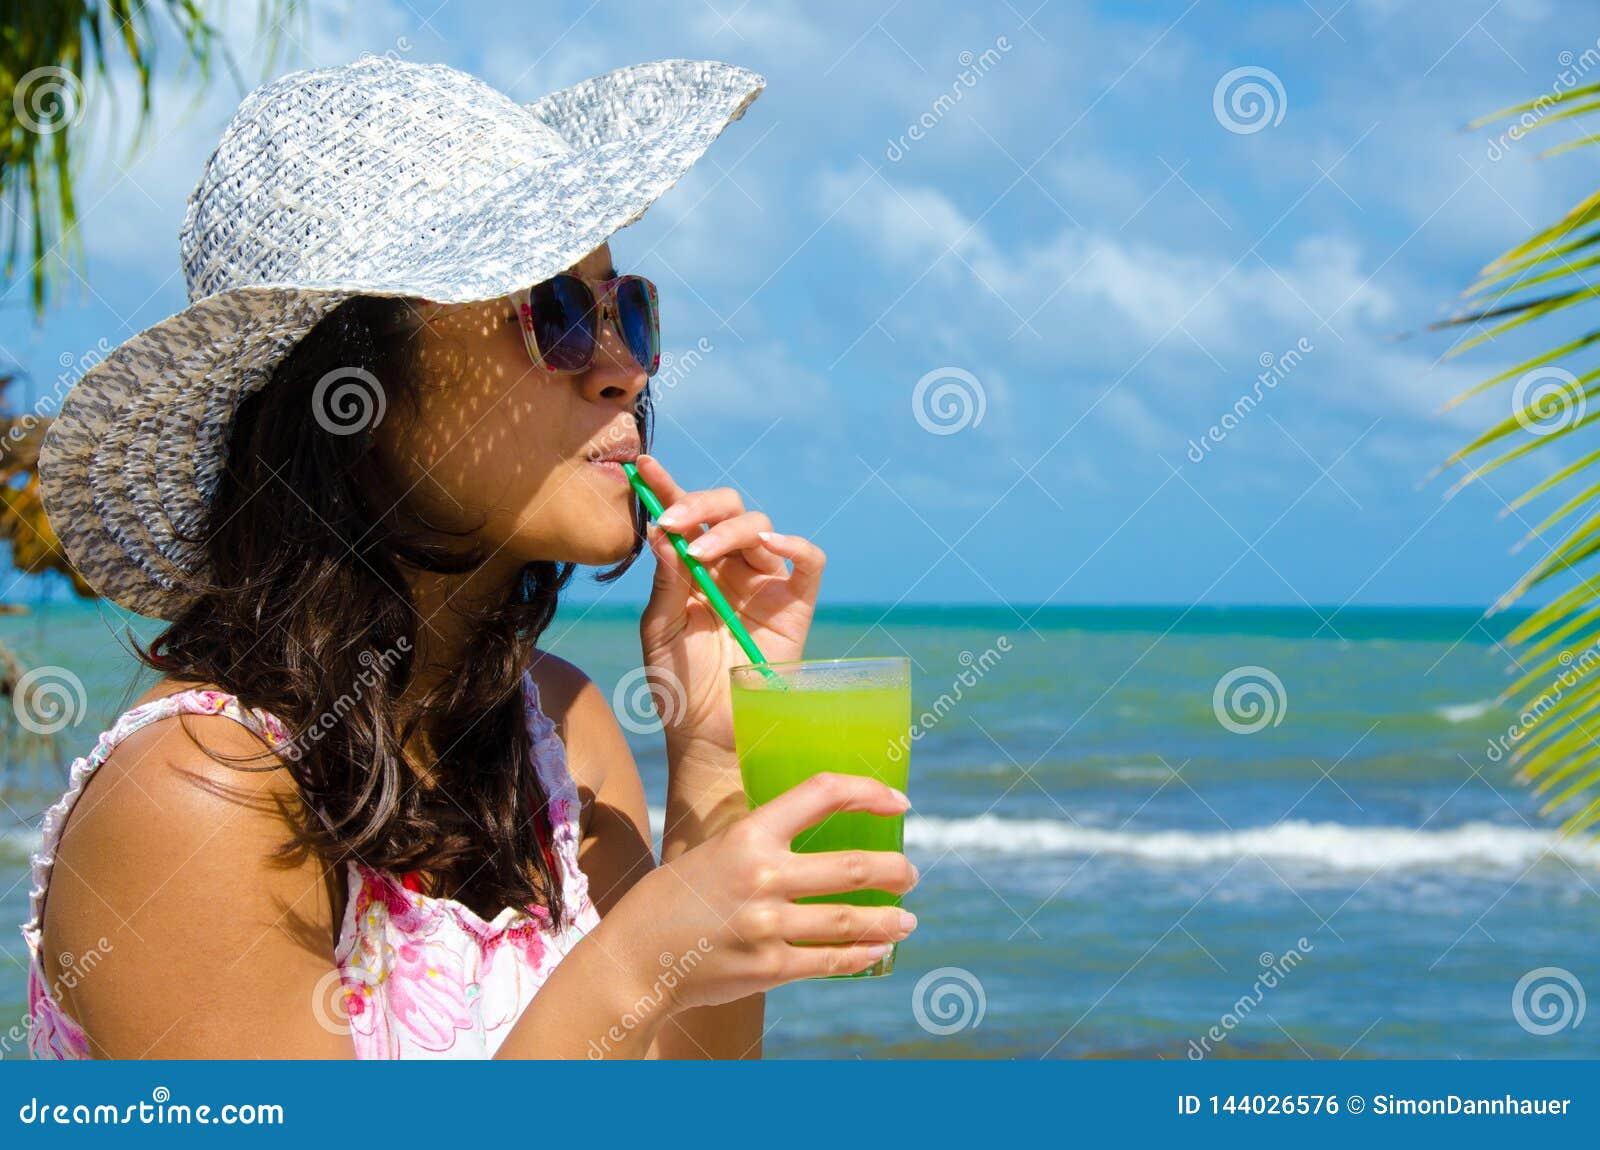 Verfrissende Cocktail bij strand in Belize - recreatie in tropische bestemming voor vakantie - paradijskust